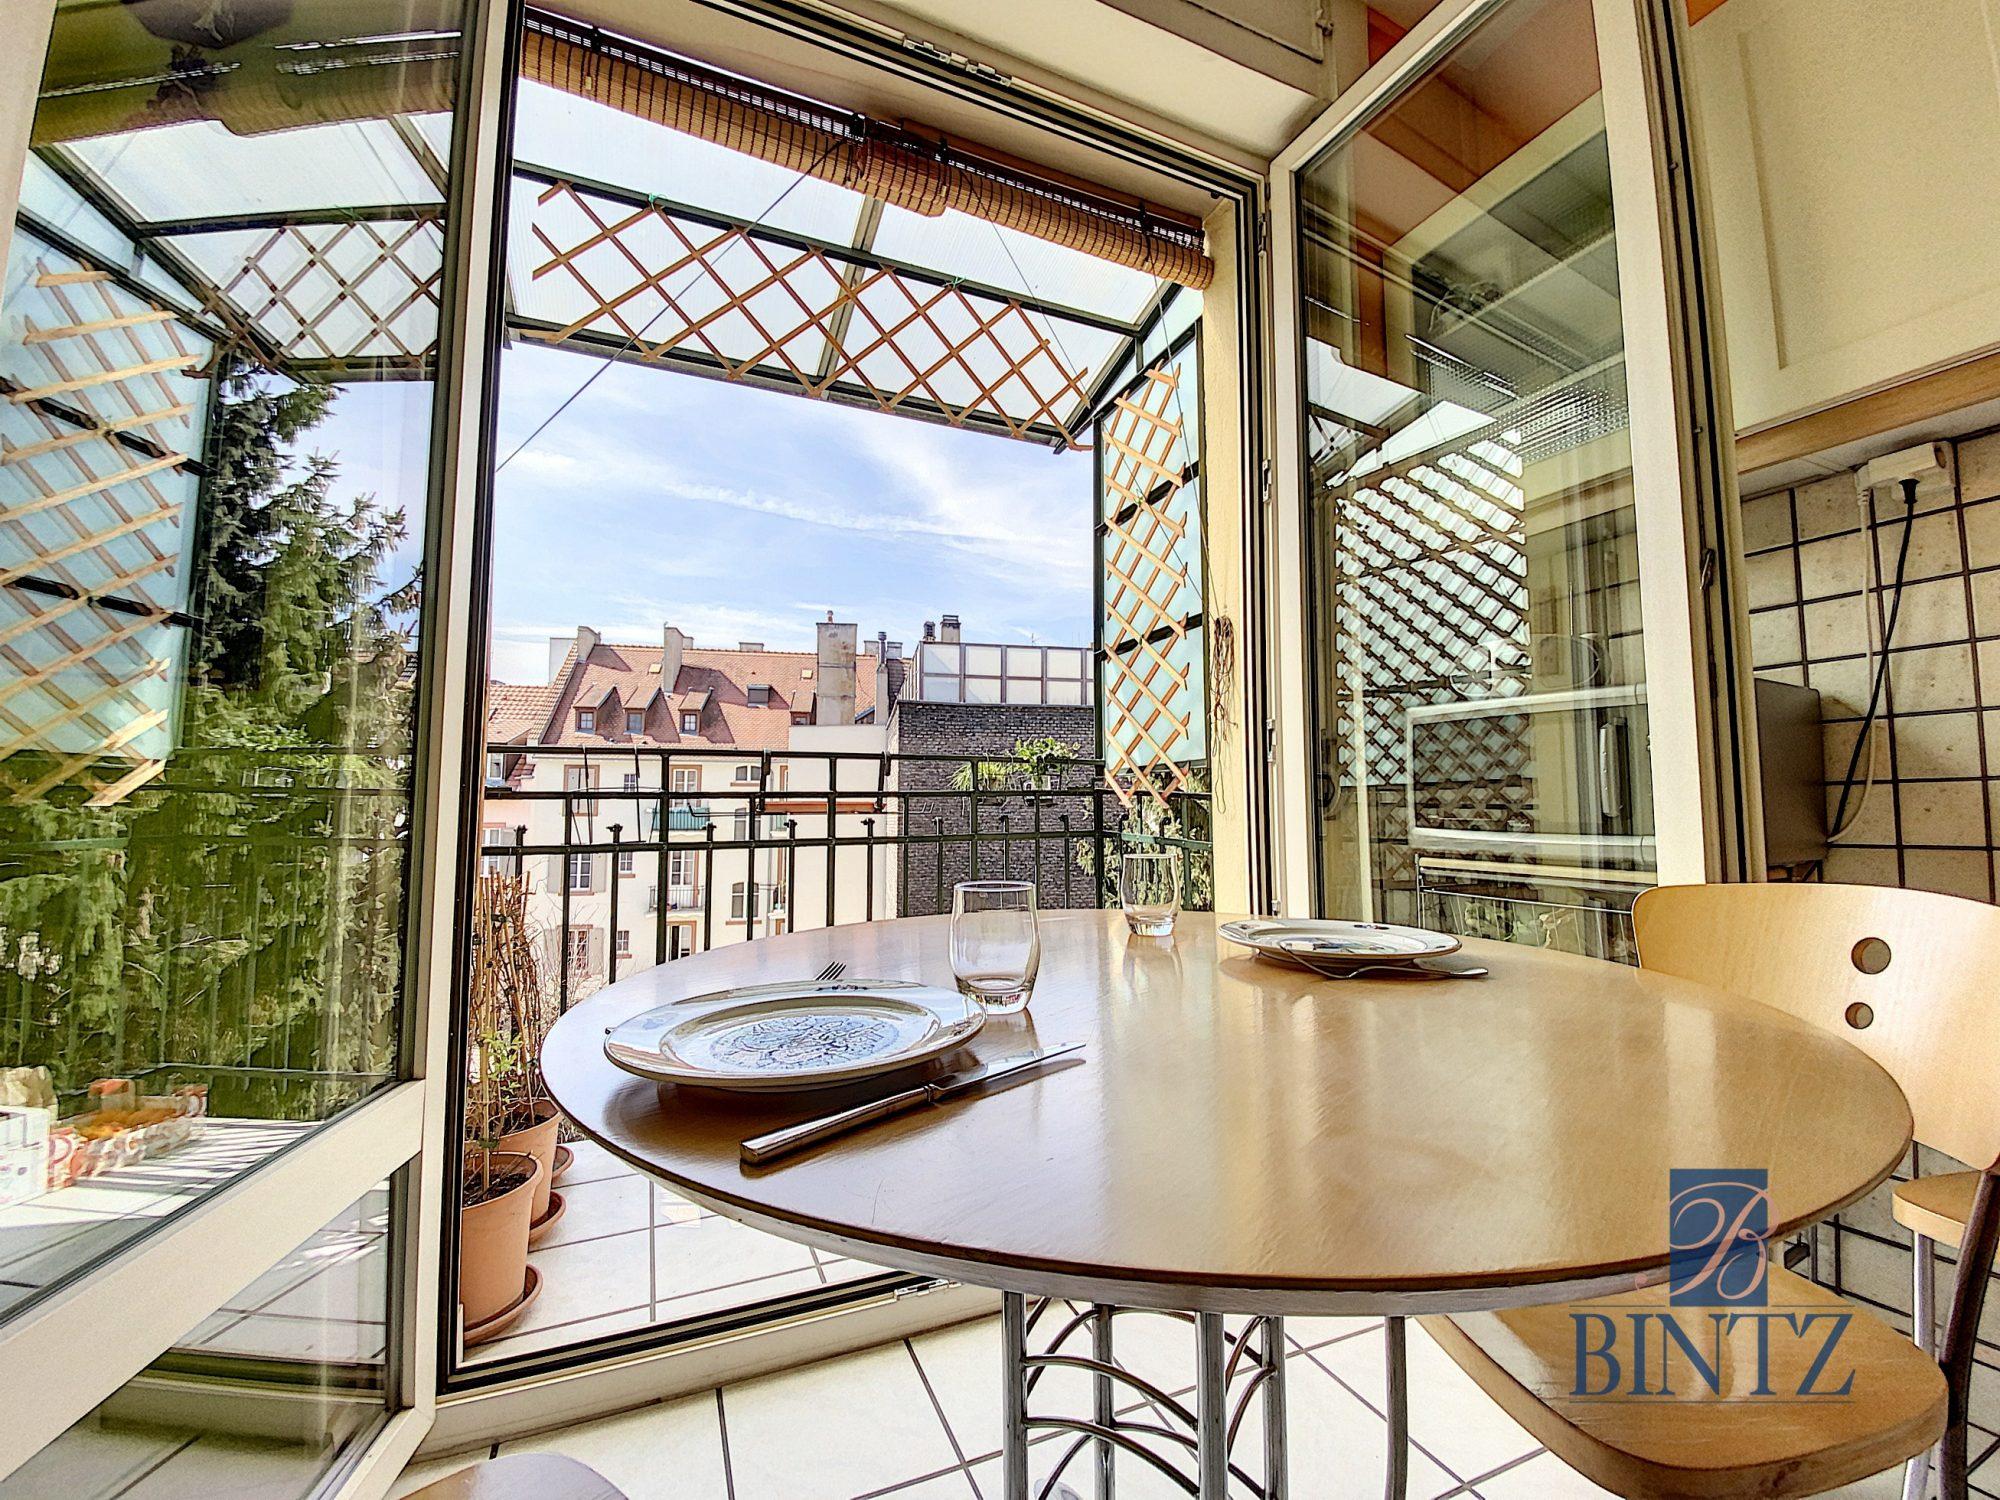 Appartement de 7 pièces – Rue Schwendi - Devenez propriétaire en toute confiance - Bintz Immobilier - 13